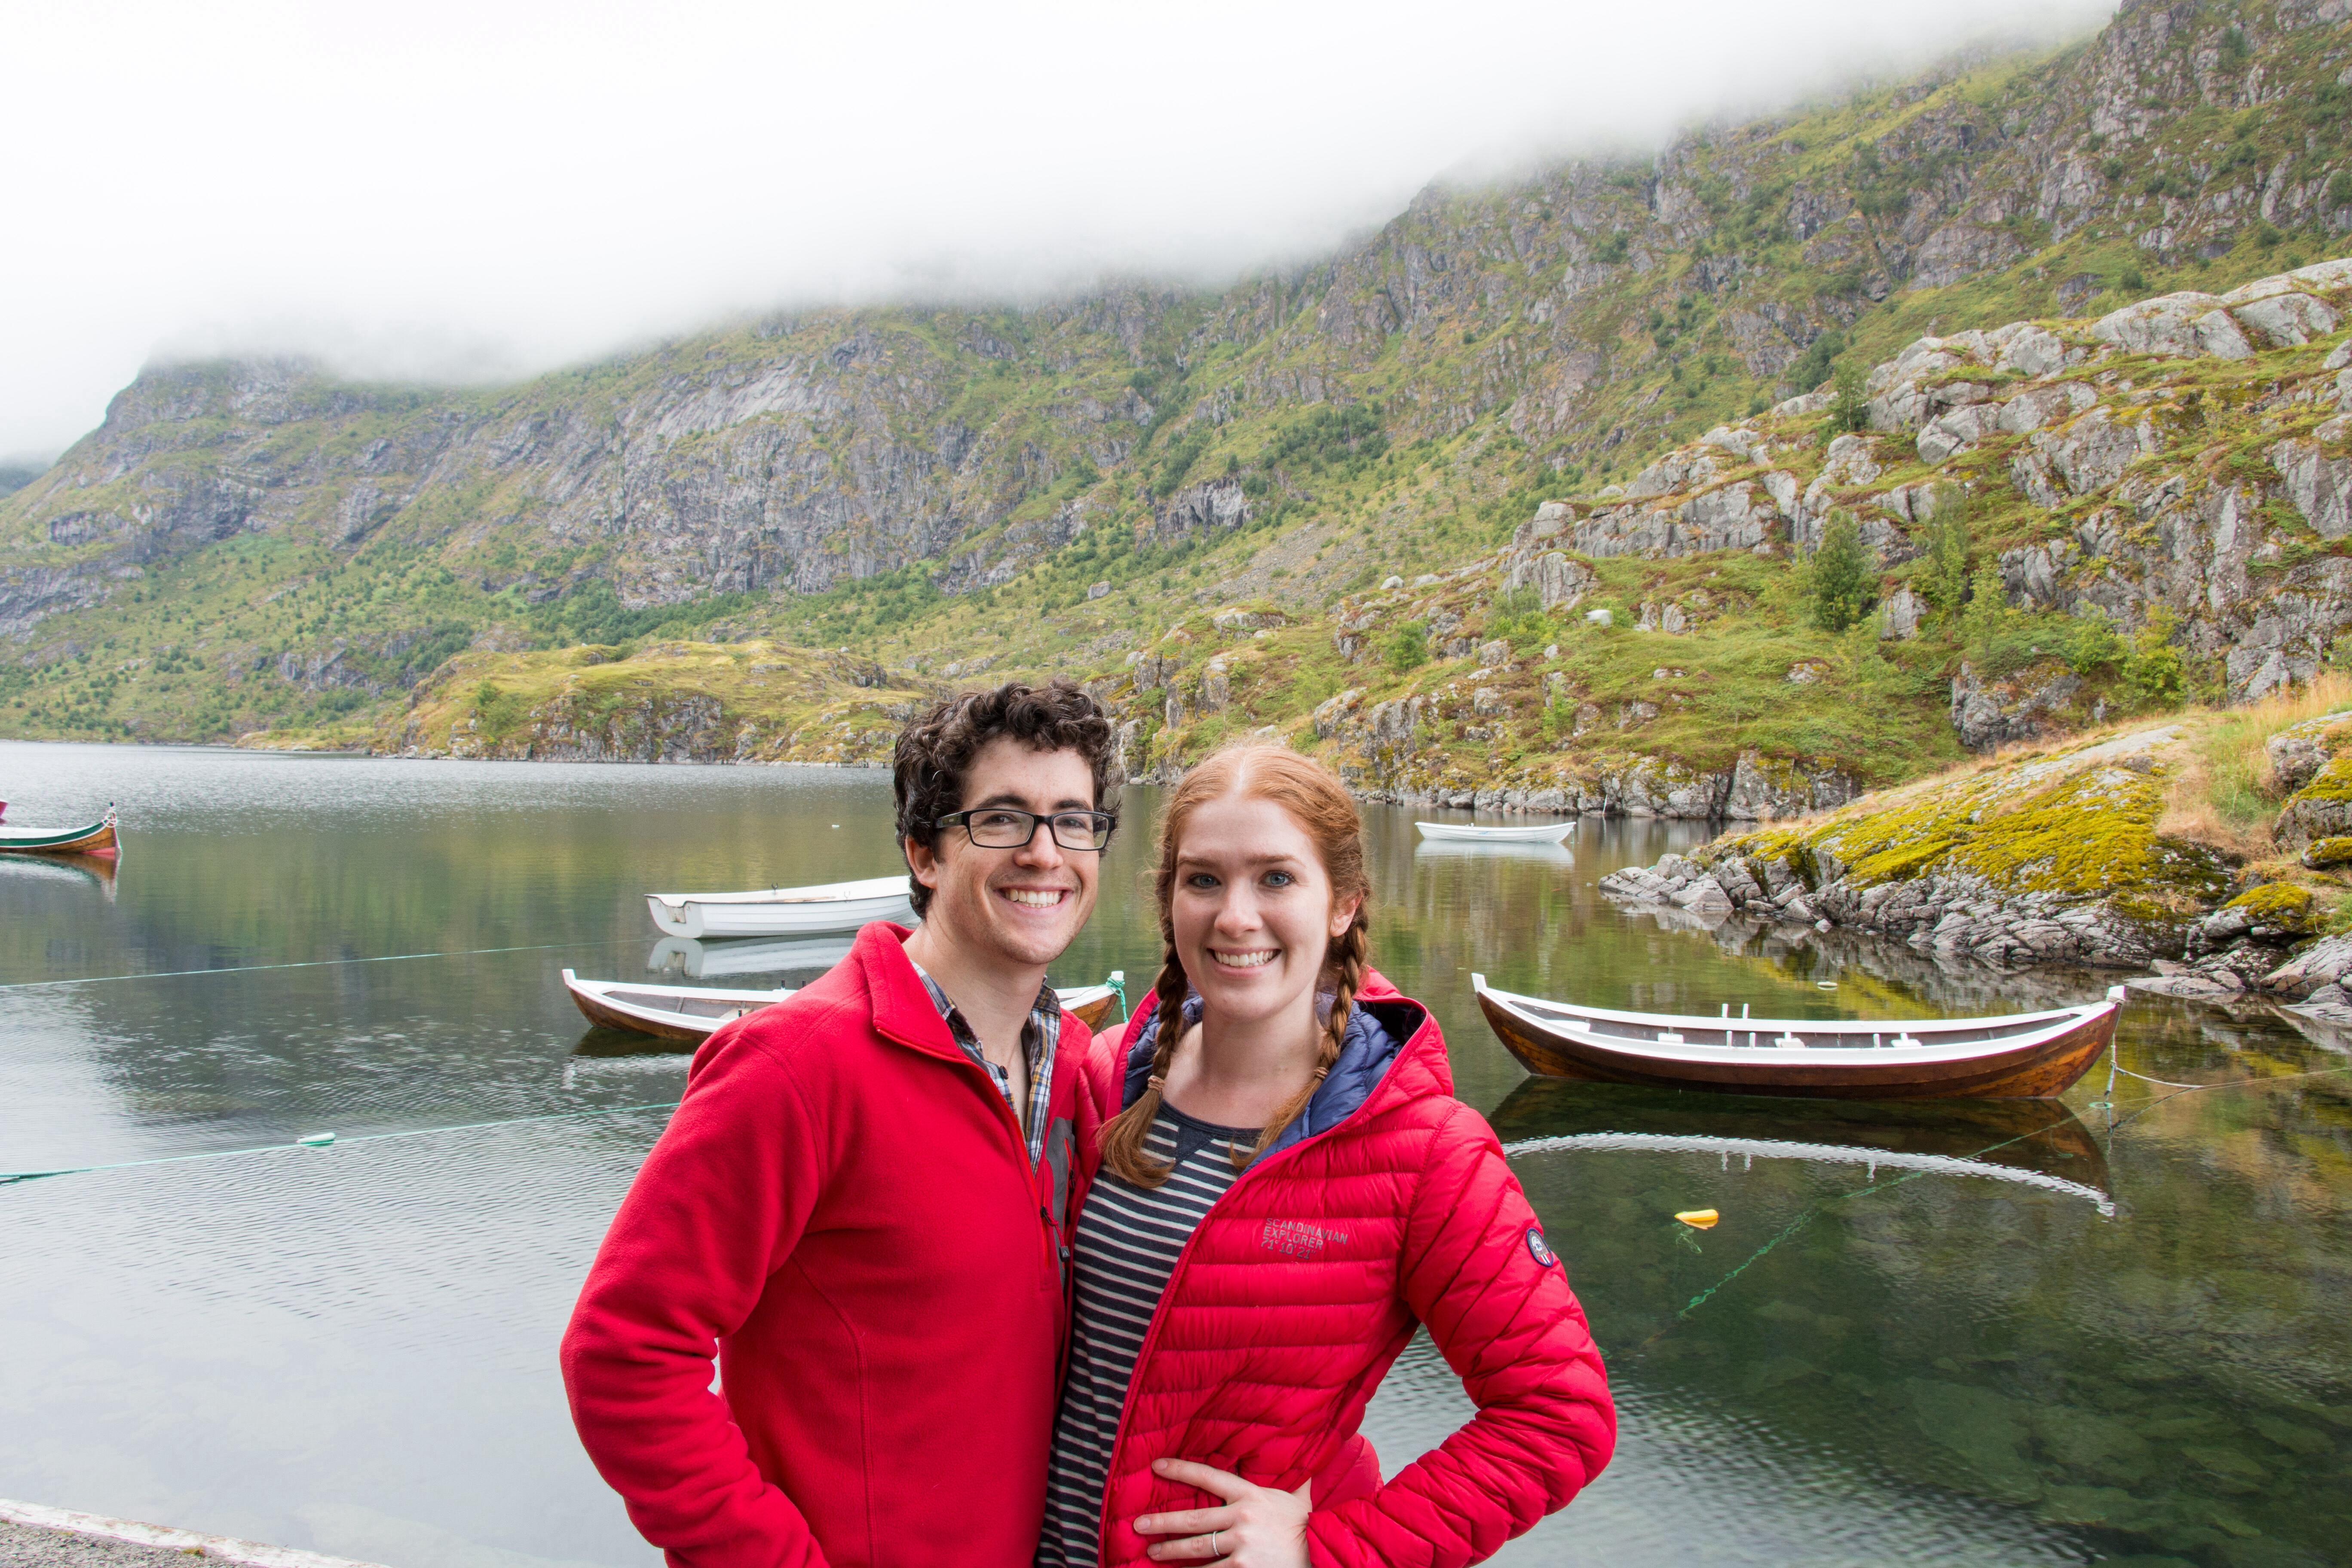 gweezy10_Foap-Vacationing_in_the_lofoten_islands_